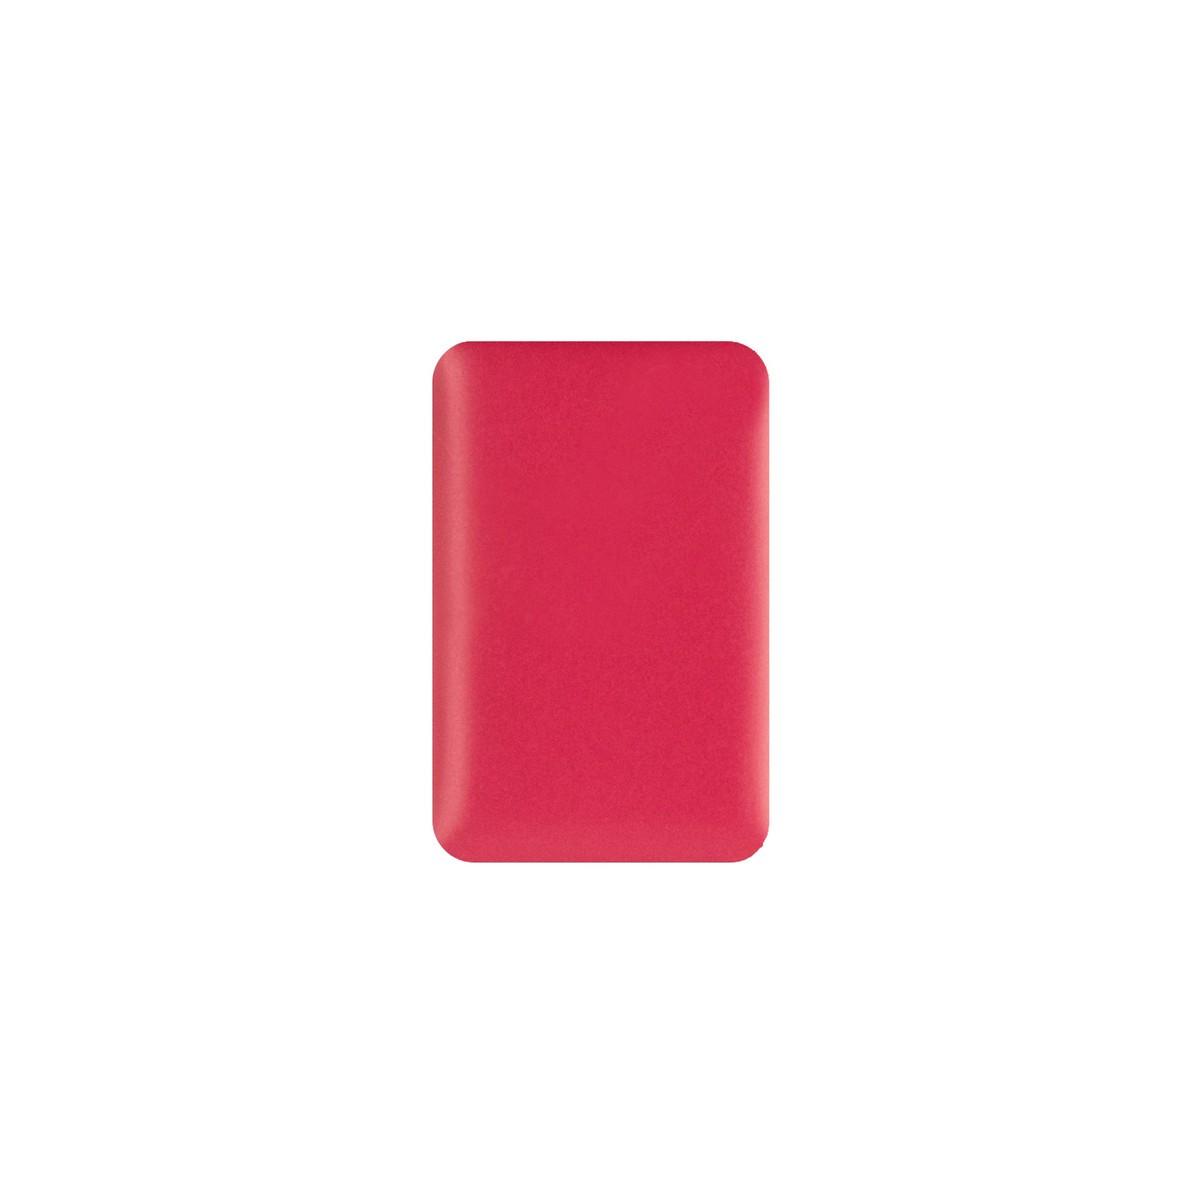 JUST LipGloss Губная помада 1J (32мм*21мм) 1.5г (запаска) магнит (-30%)  т.218